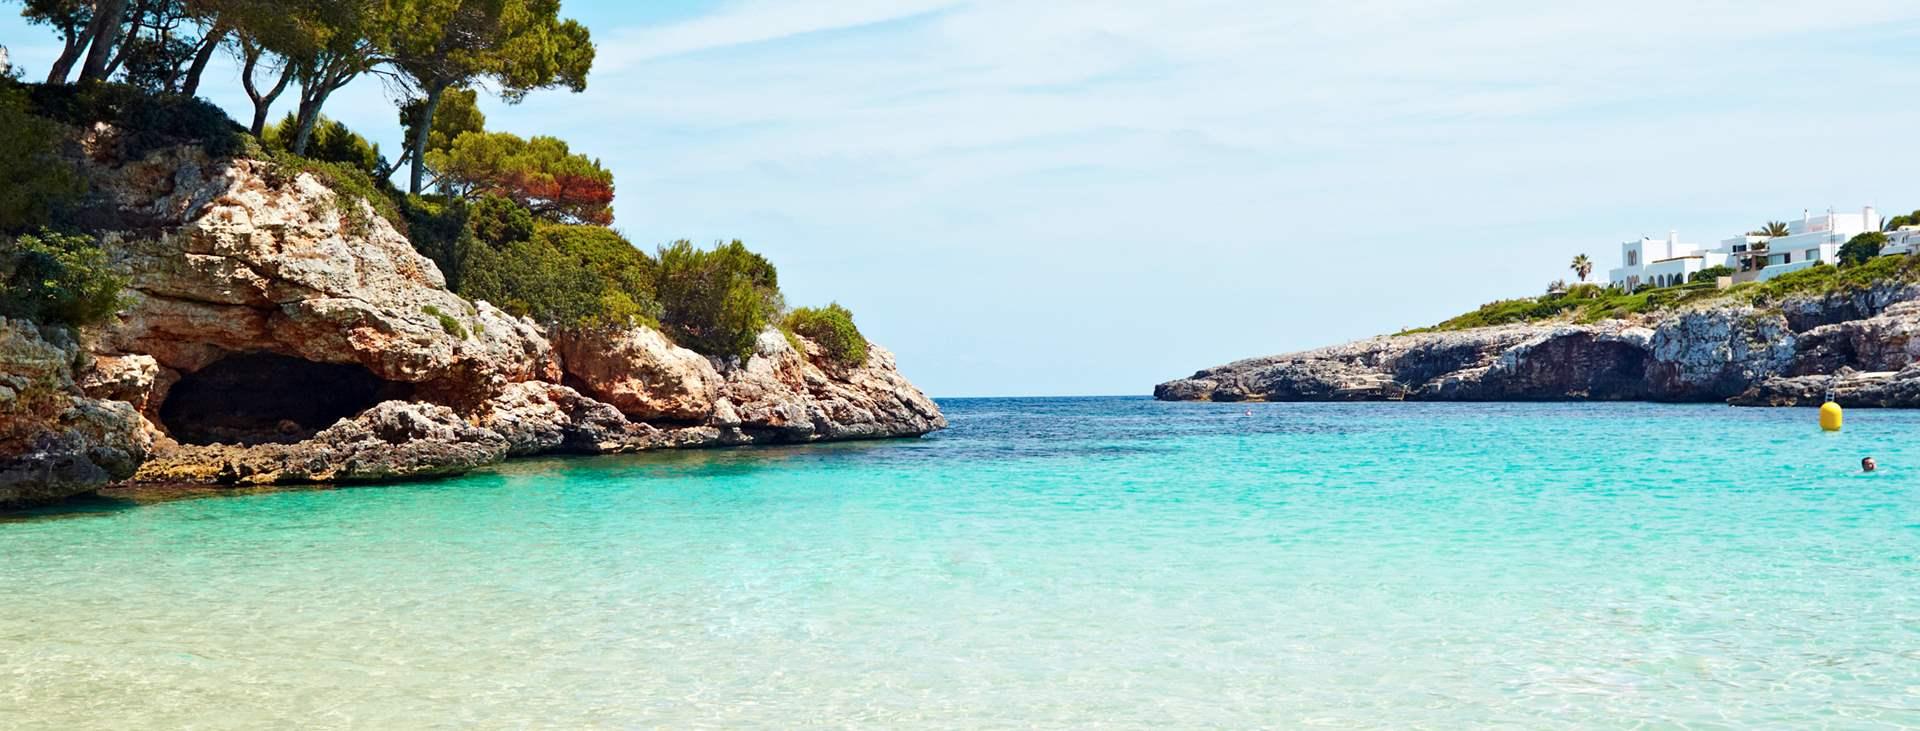 Boka en resa till Spanien – perfekt för en familjesemester